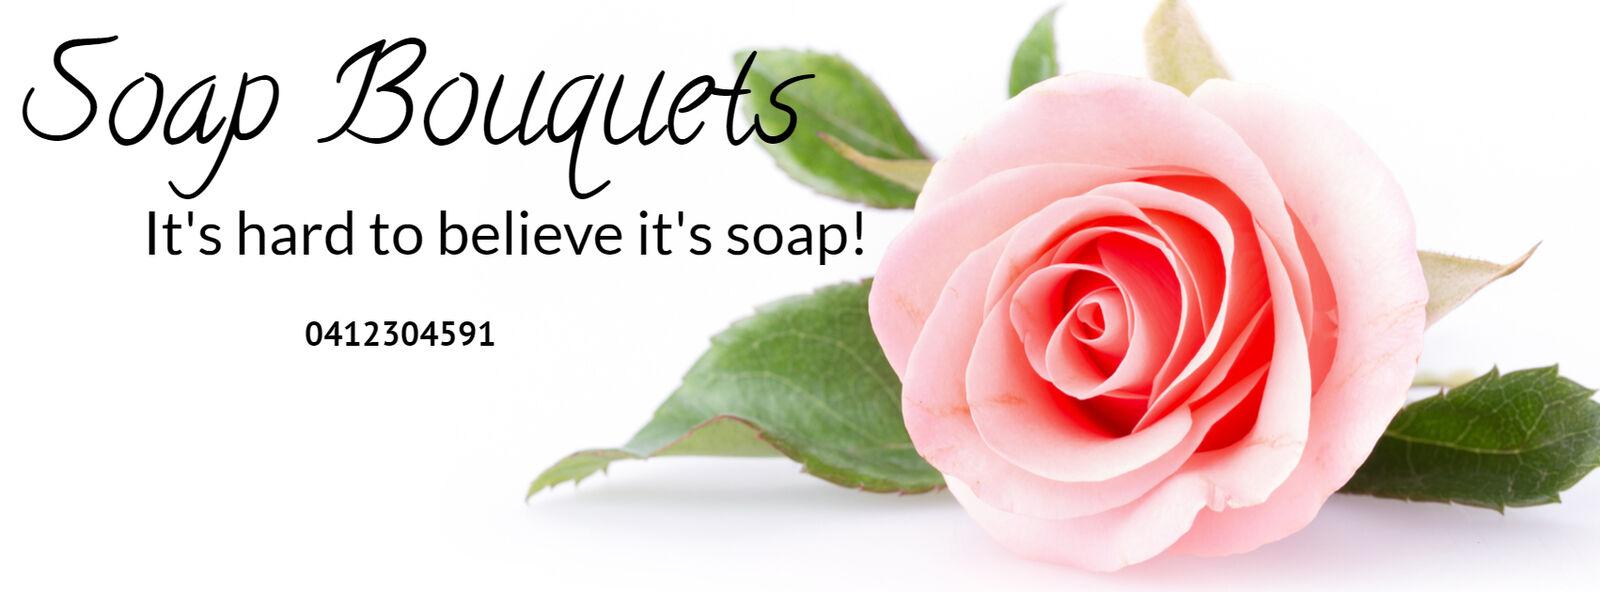 Soap Bouquets